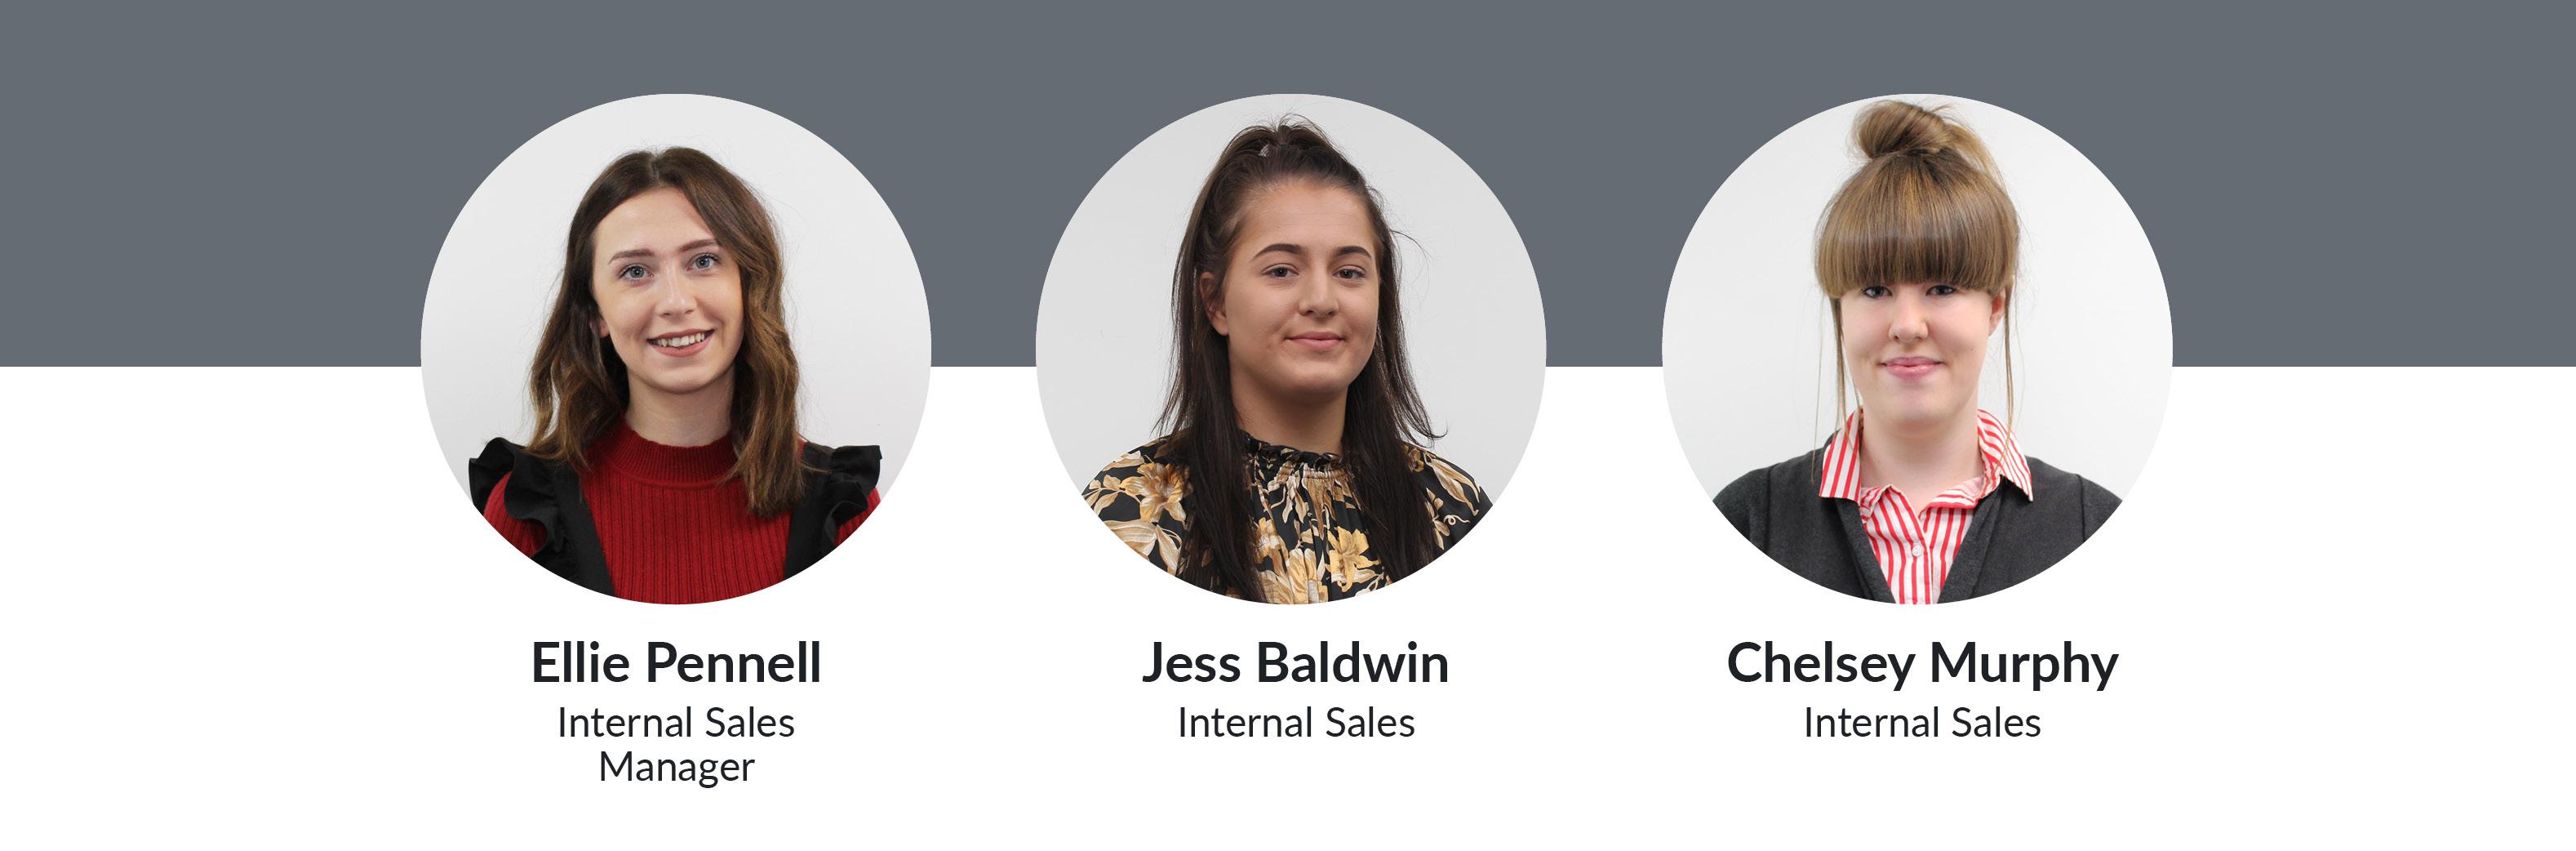 Prolight Concepts Sales Team